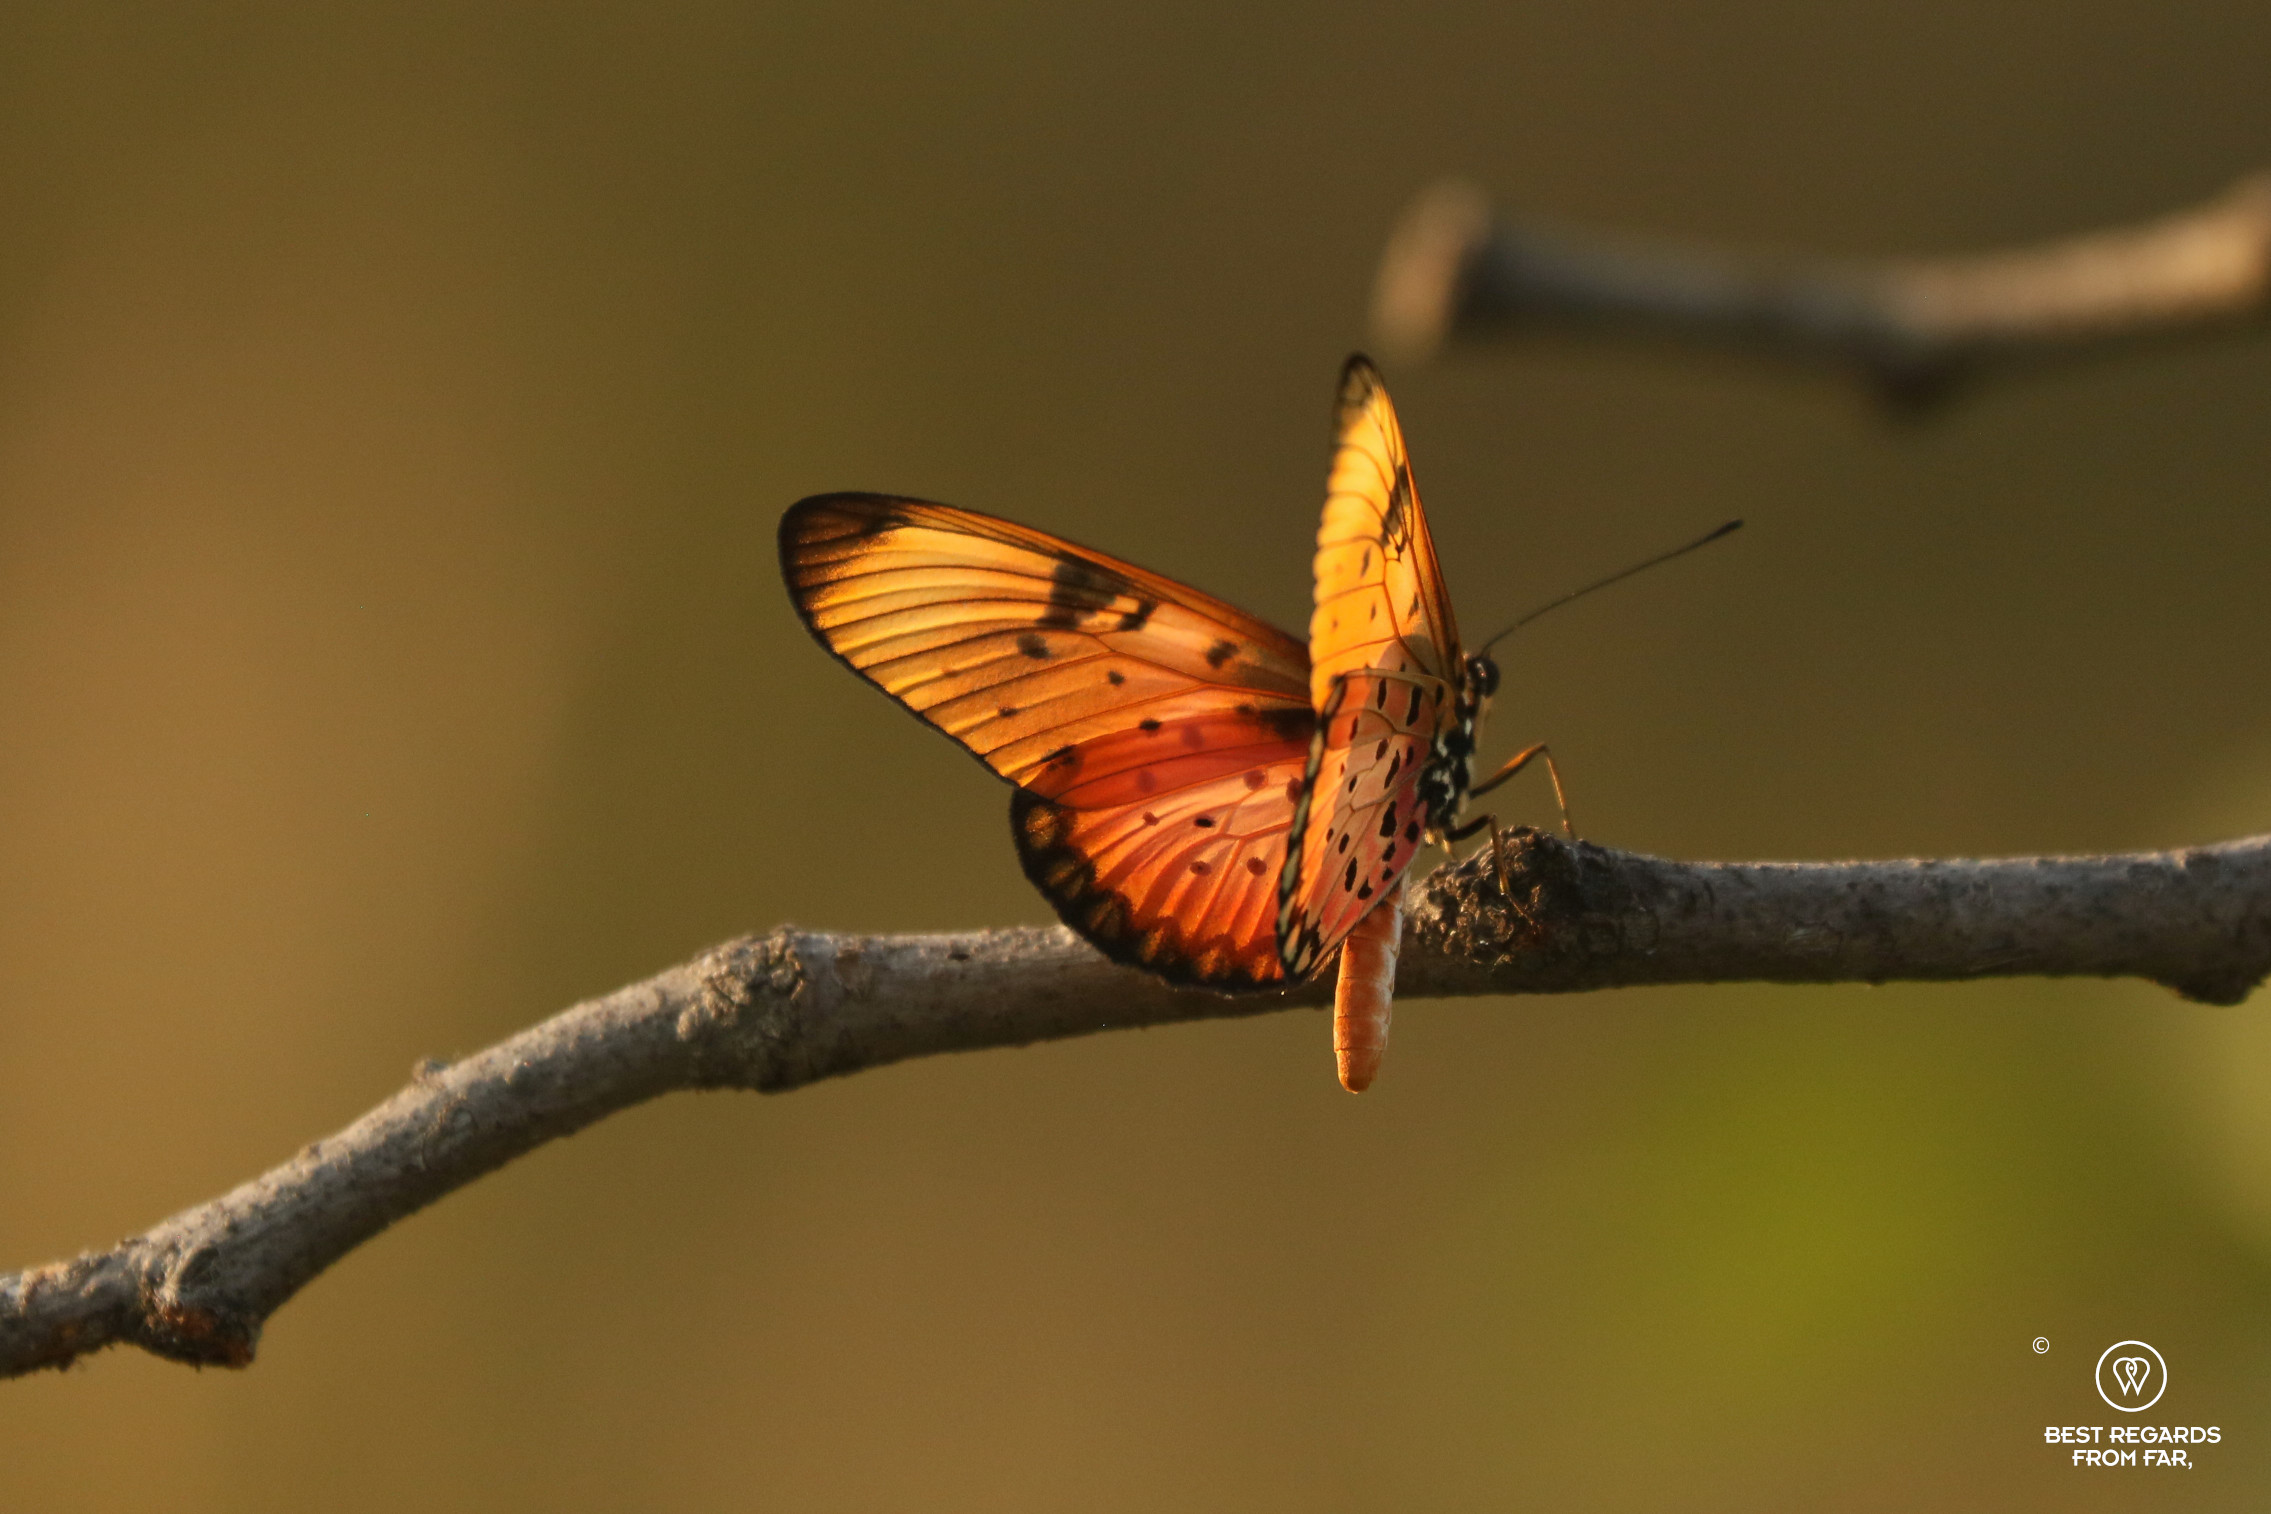 Orange butterfly in the sun light on a dead branch